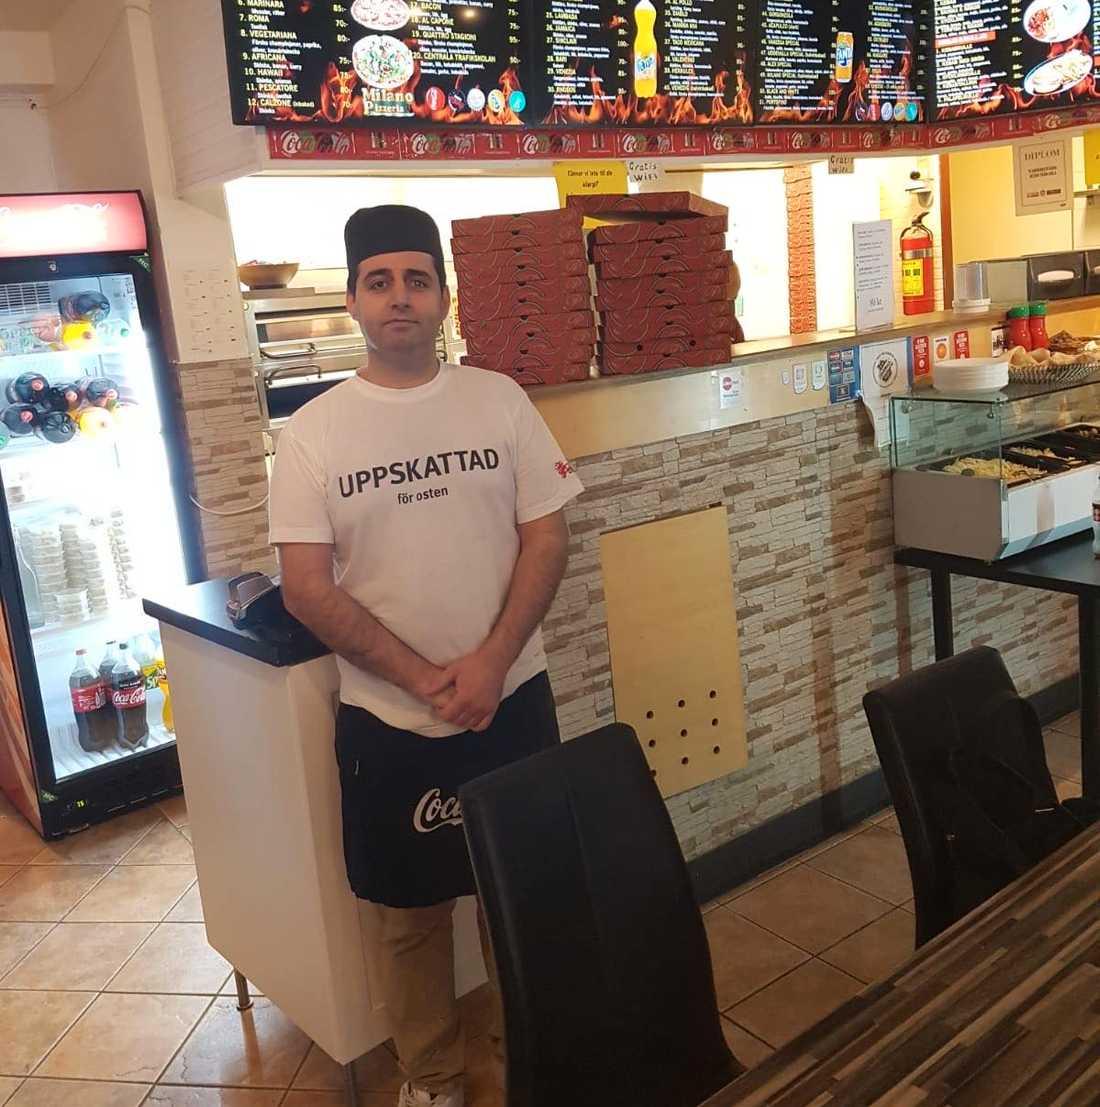 Pizzeria Milanos ägare Dakhaz Hussein Teli Teli.